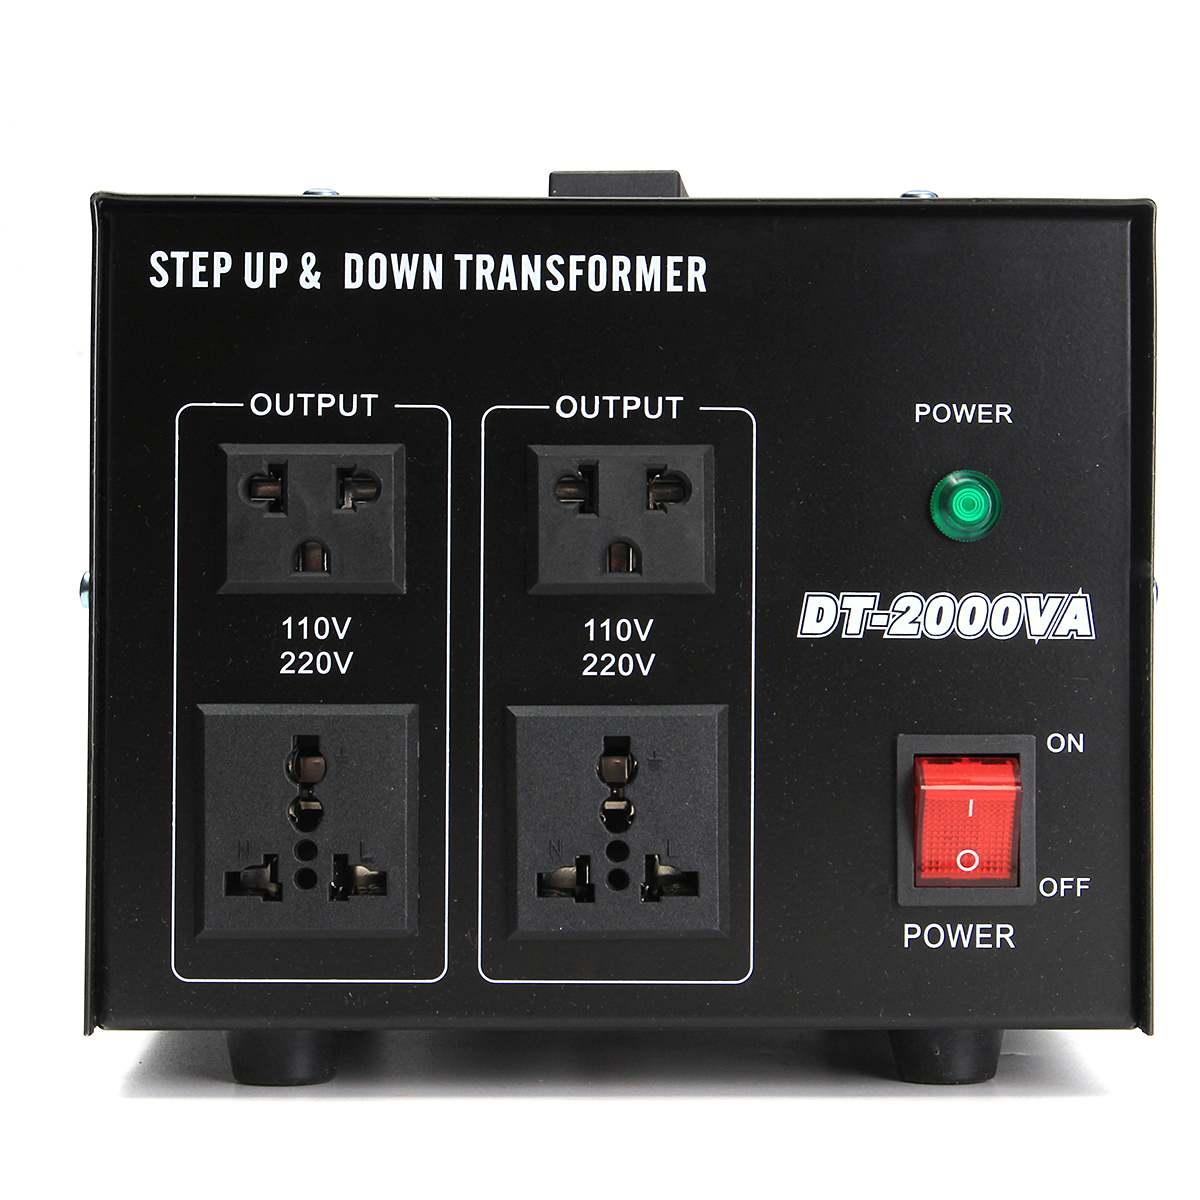 500/1000/2000/3000/5000 W convertisseur de tension lourde transformateur de puissance 220 V auf 110 V convertisseur - 4